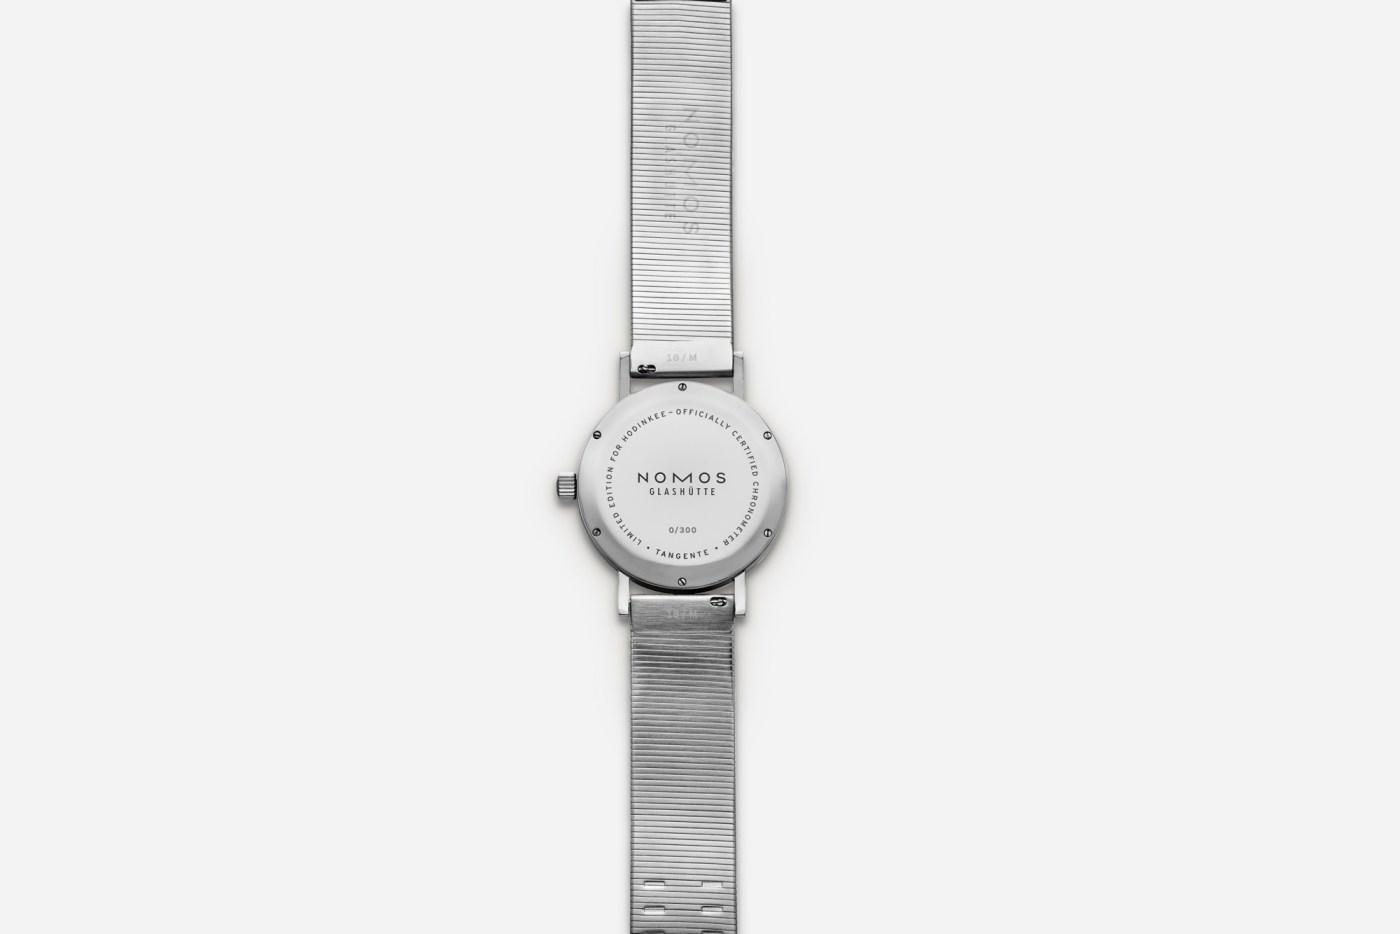 Nomos Tangente Sport Chronometer for Hodinkee caseback